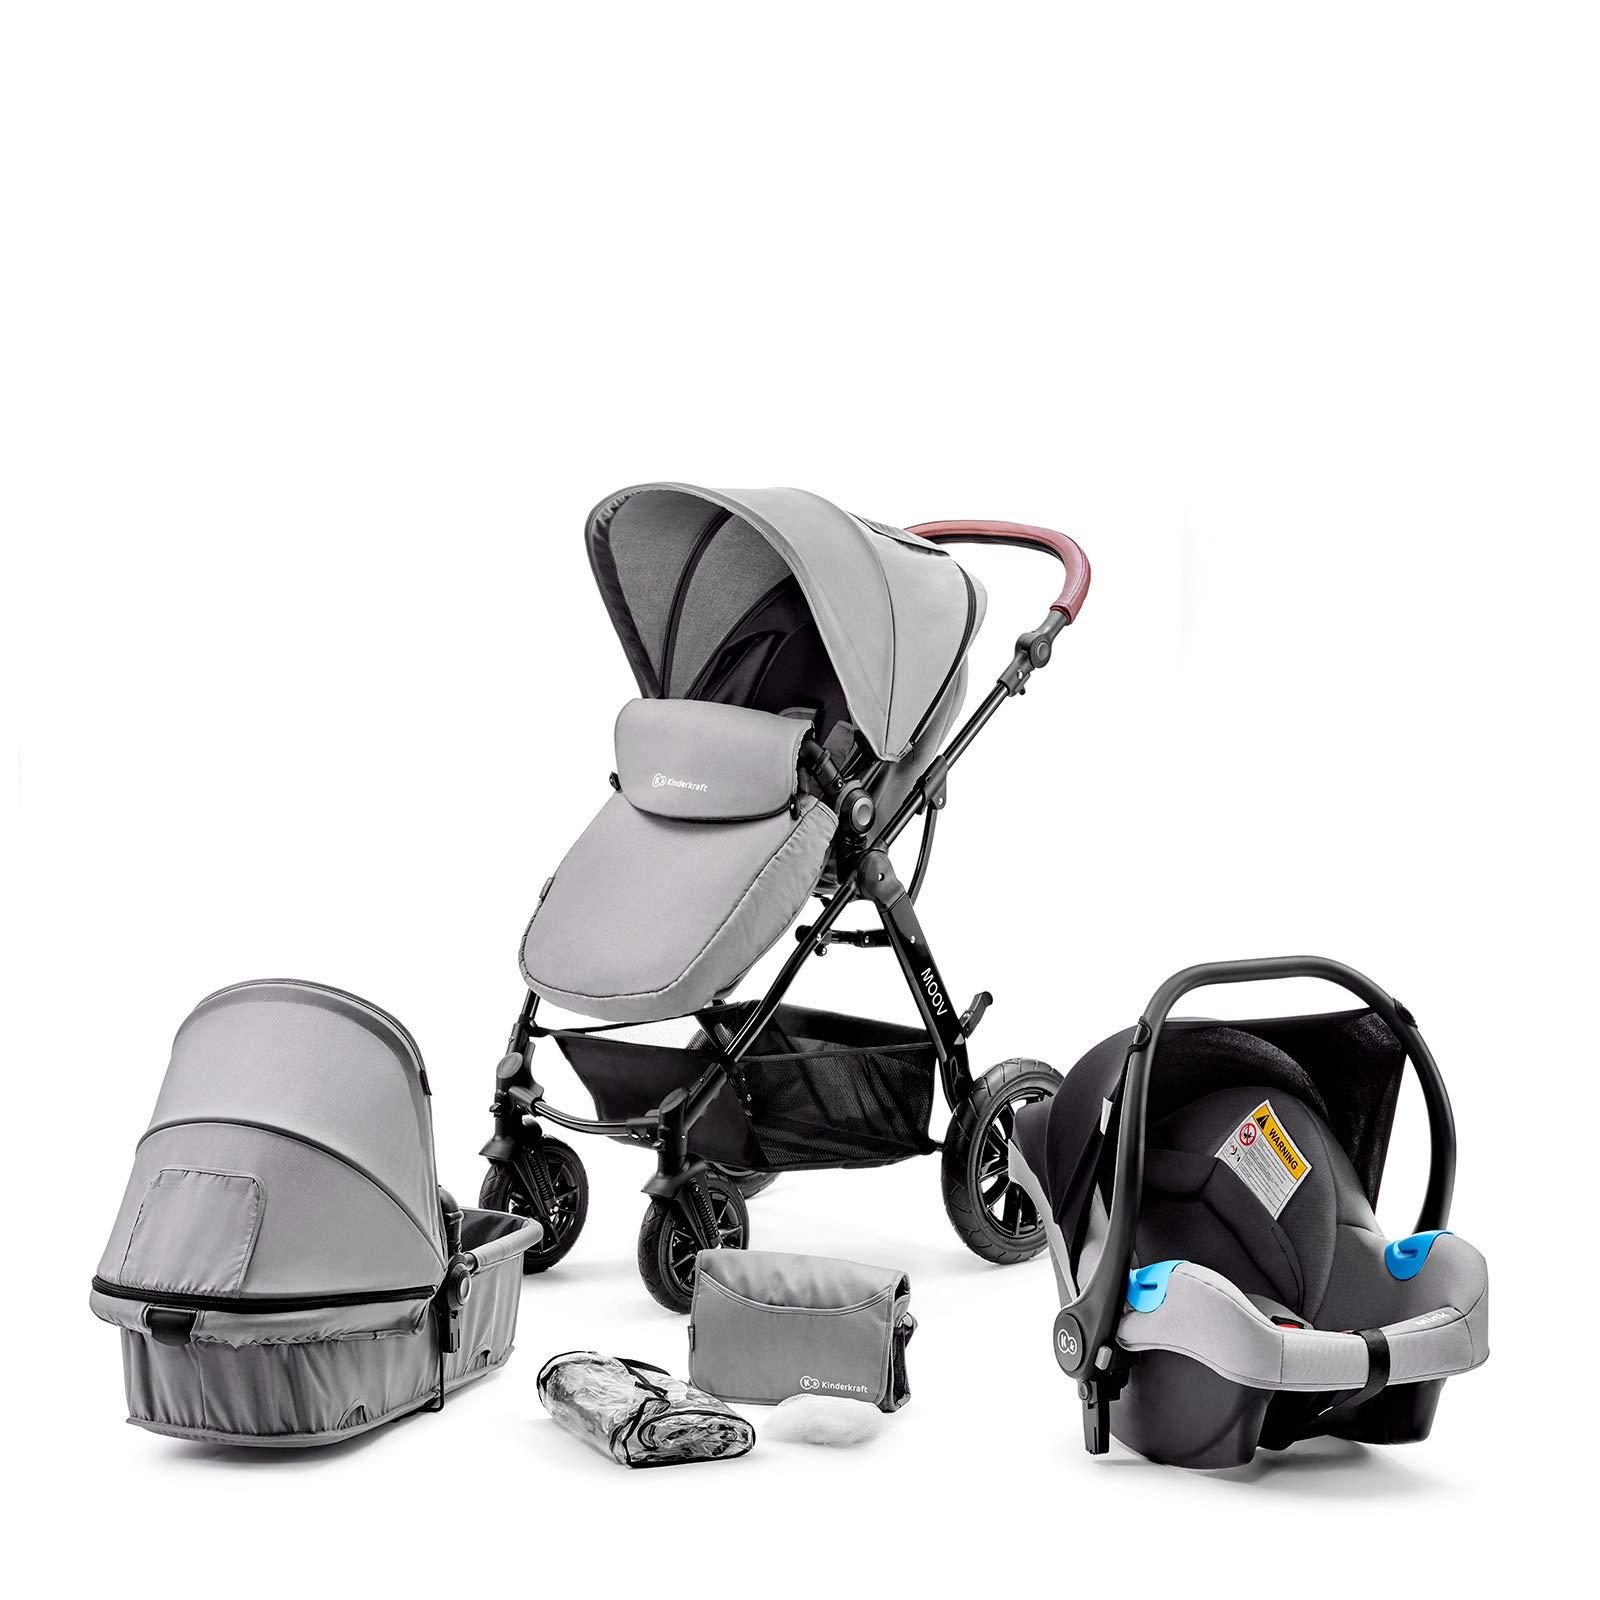 Kinderkraft Moov Multi Kinderwagen Kombikinderwagen 3in1 mit Buggy Babyschale